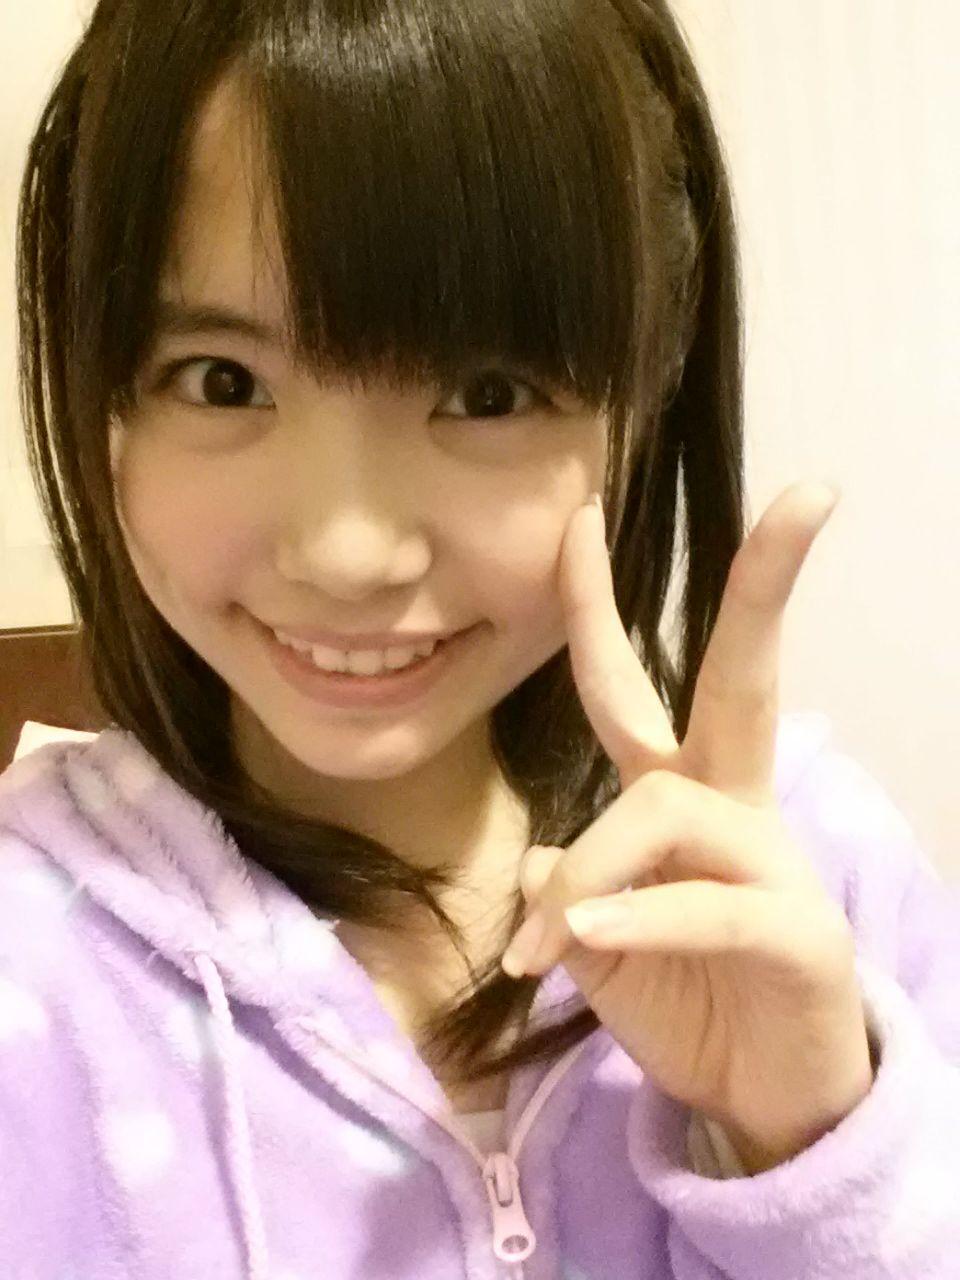 http://livedoor.blogimg.jp/otohaeika/imgs/6/7/67d653a1.jpg